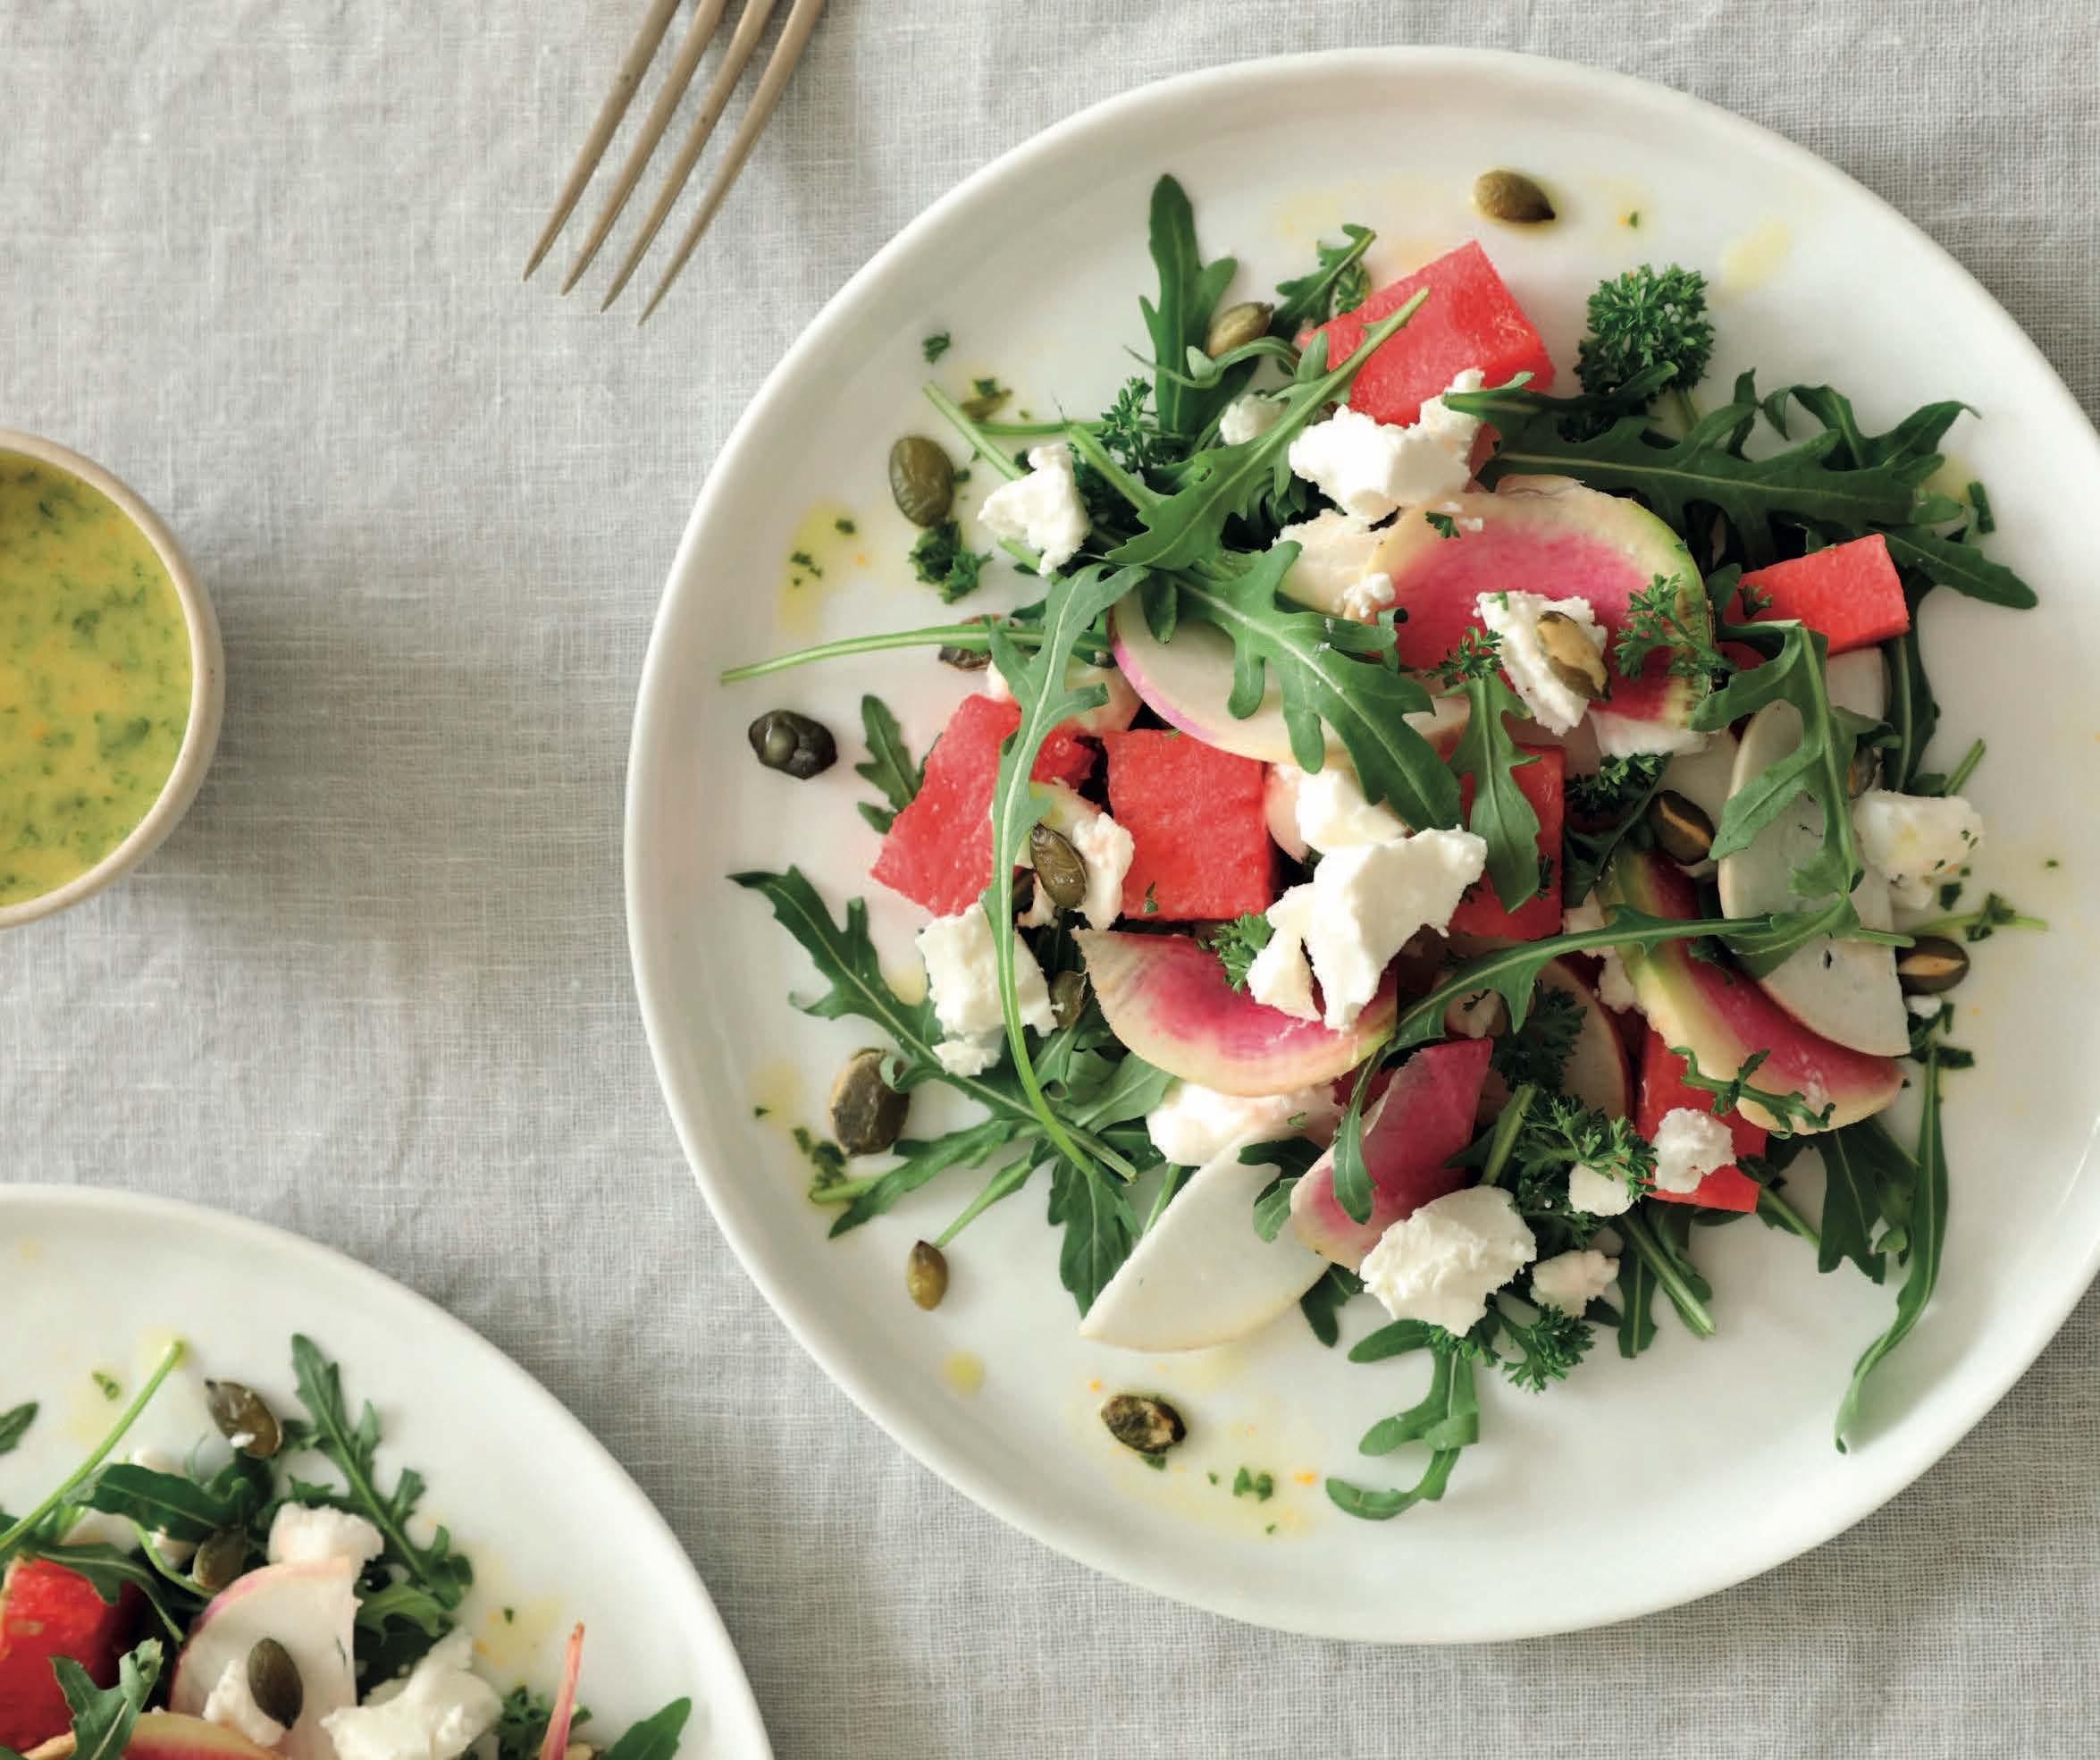 Saladebar 'SLA' brengt tweede kookboek uit vol vliegensvlugge recepten